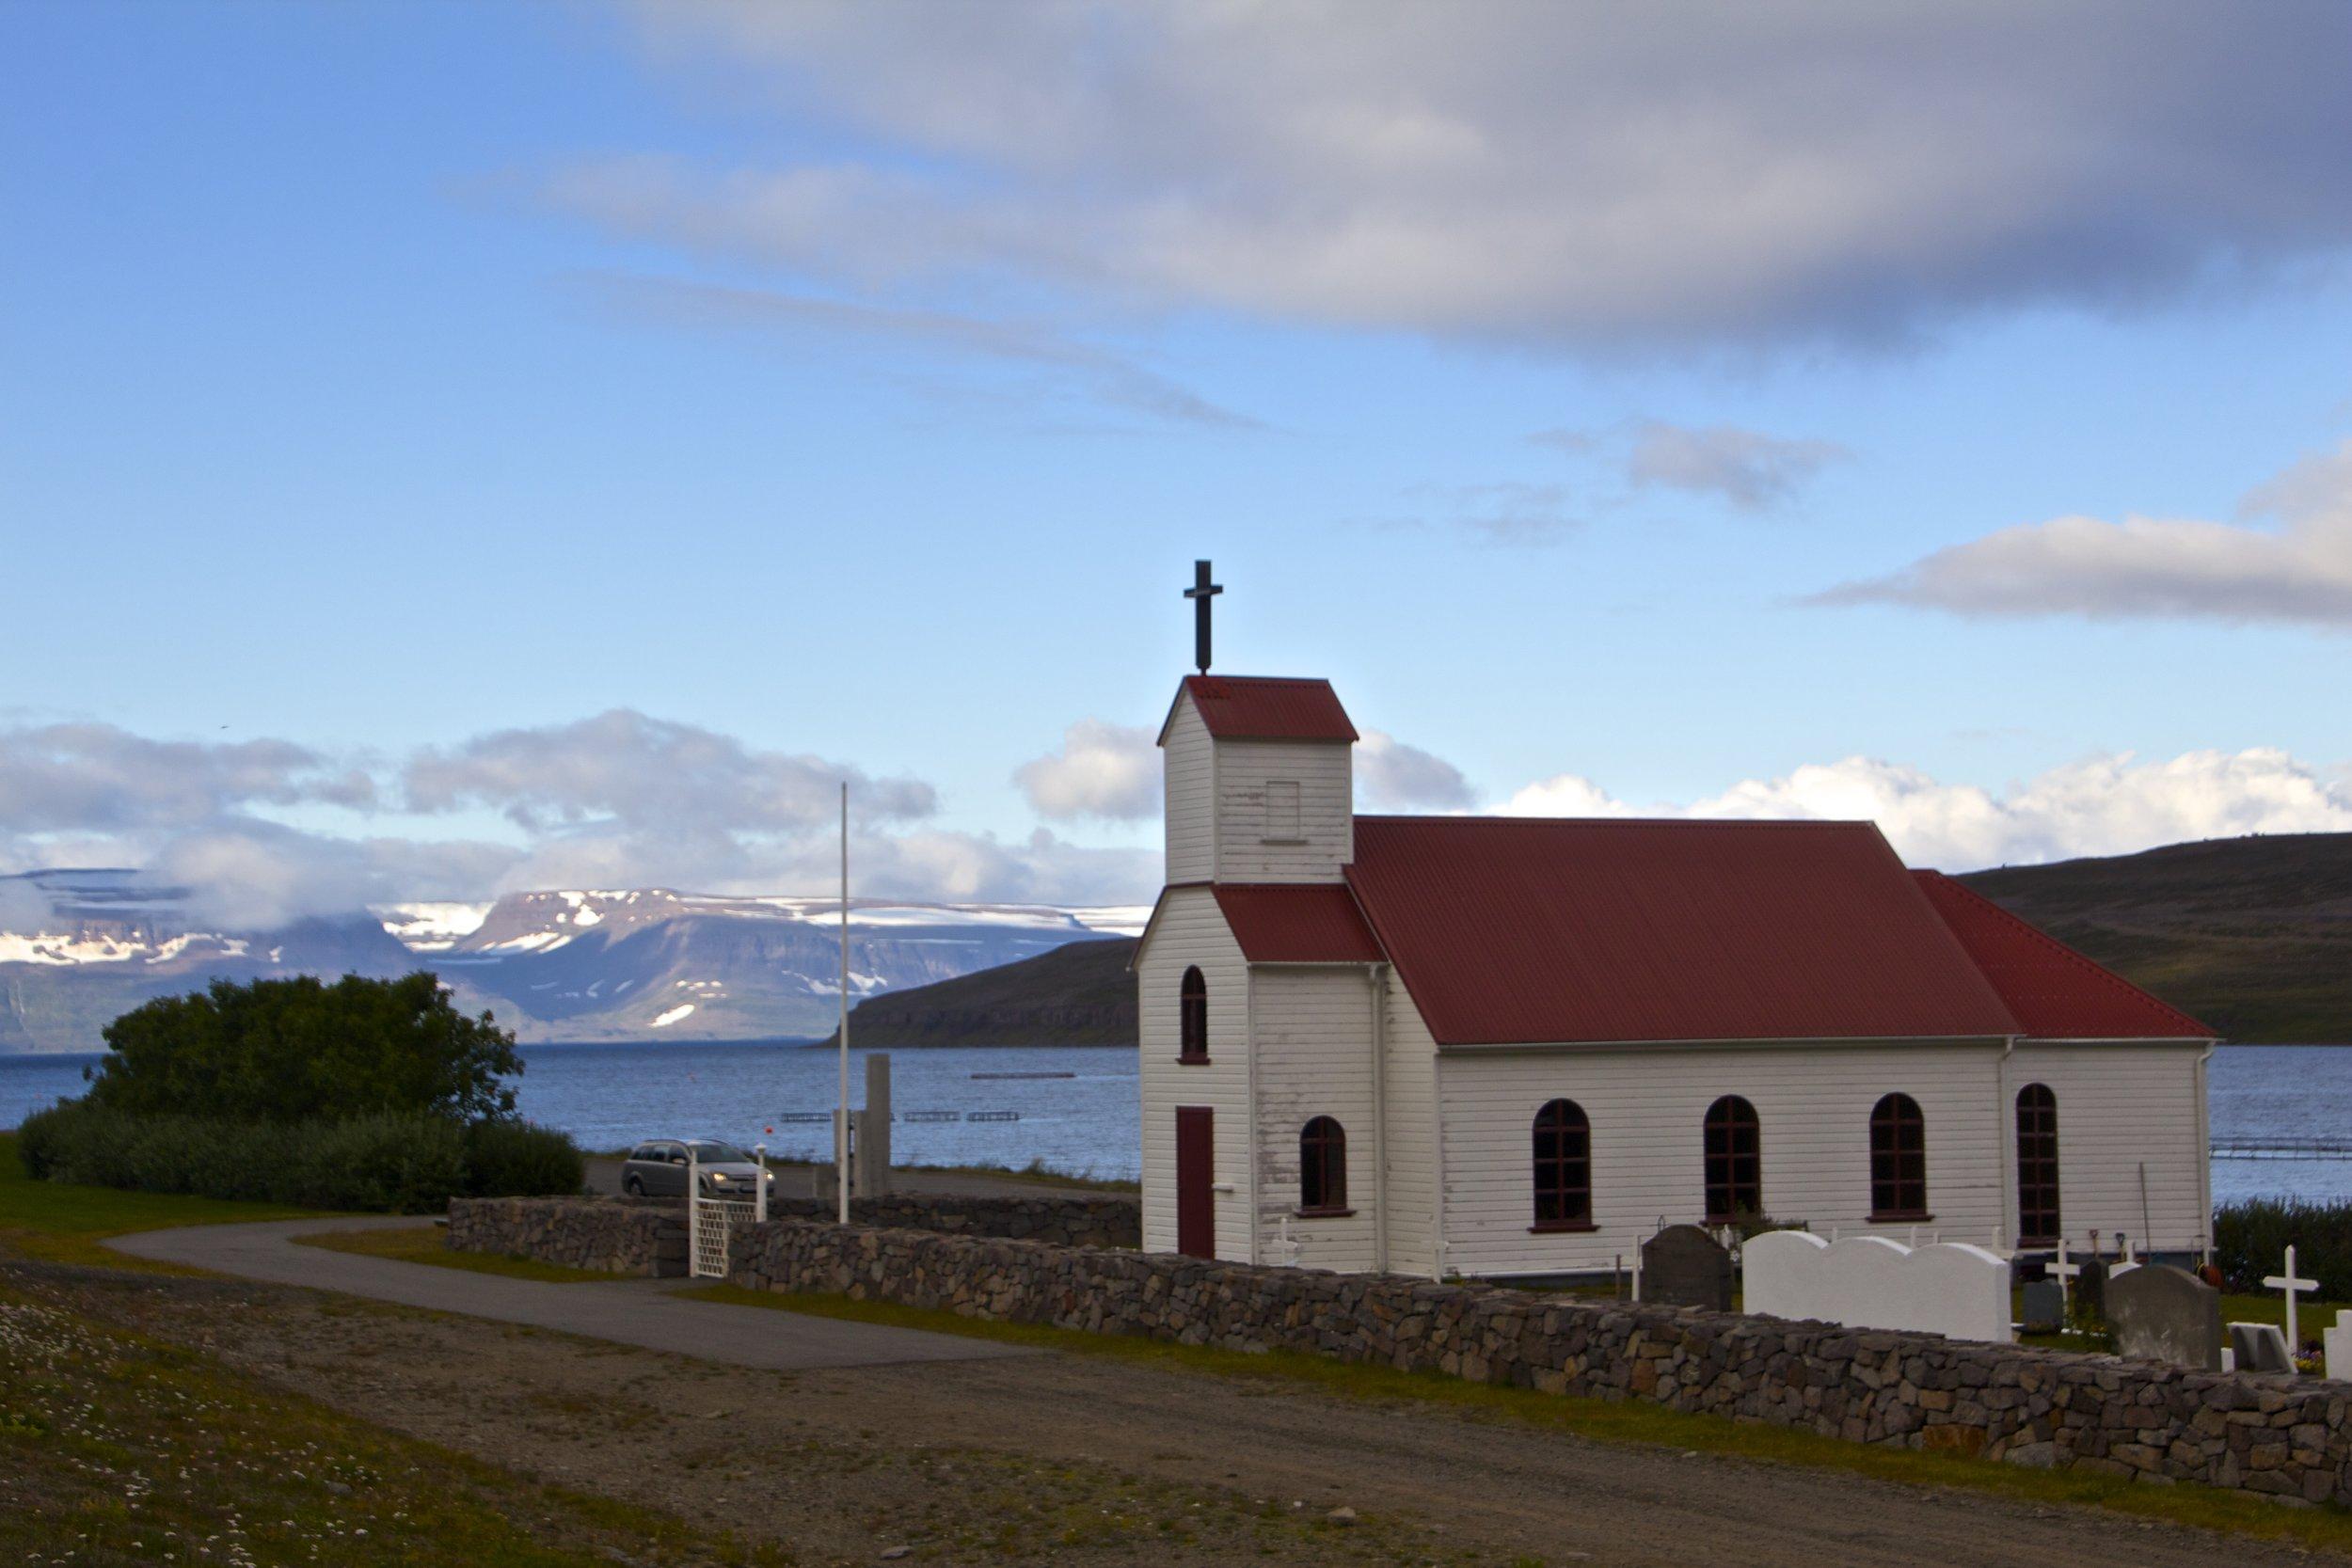 Súðavíkurkirkja West Fjords Churches 1.jpg